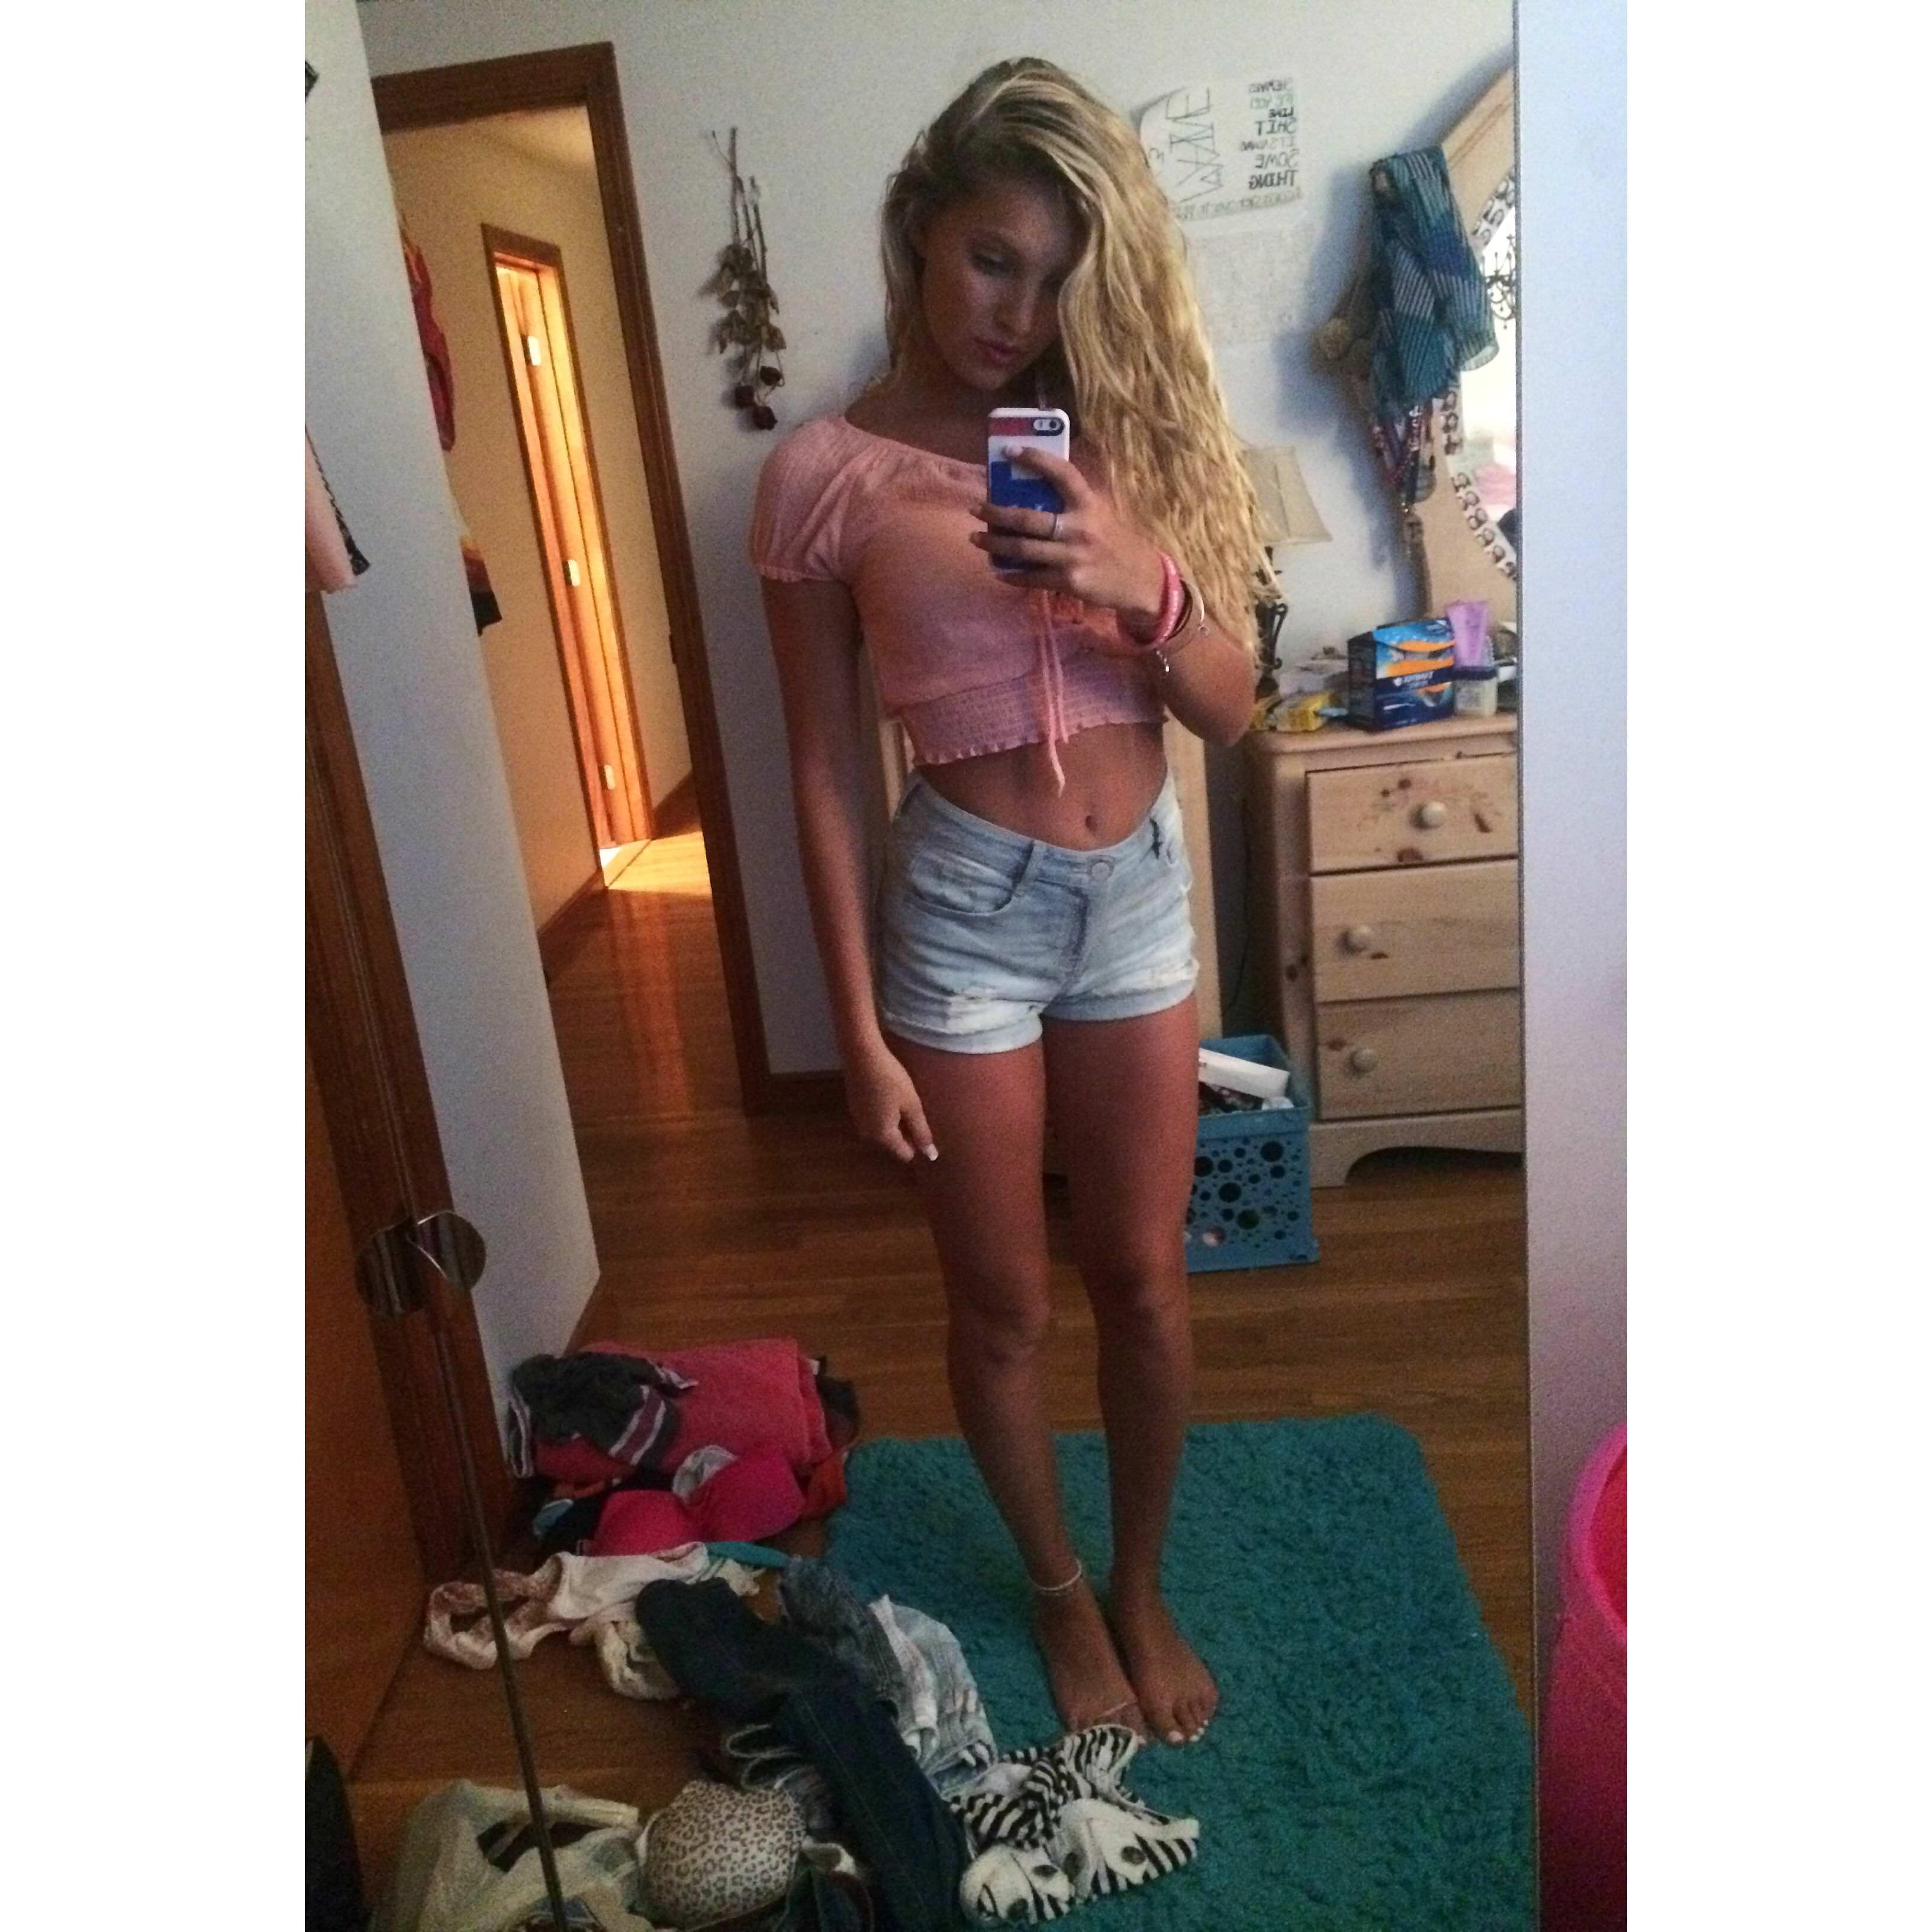 Nicole Spiller Nude Photos (mtv's Ayto) Leaked 0035